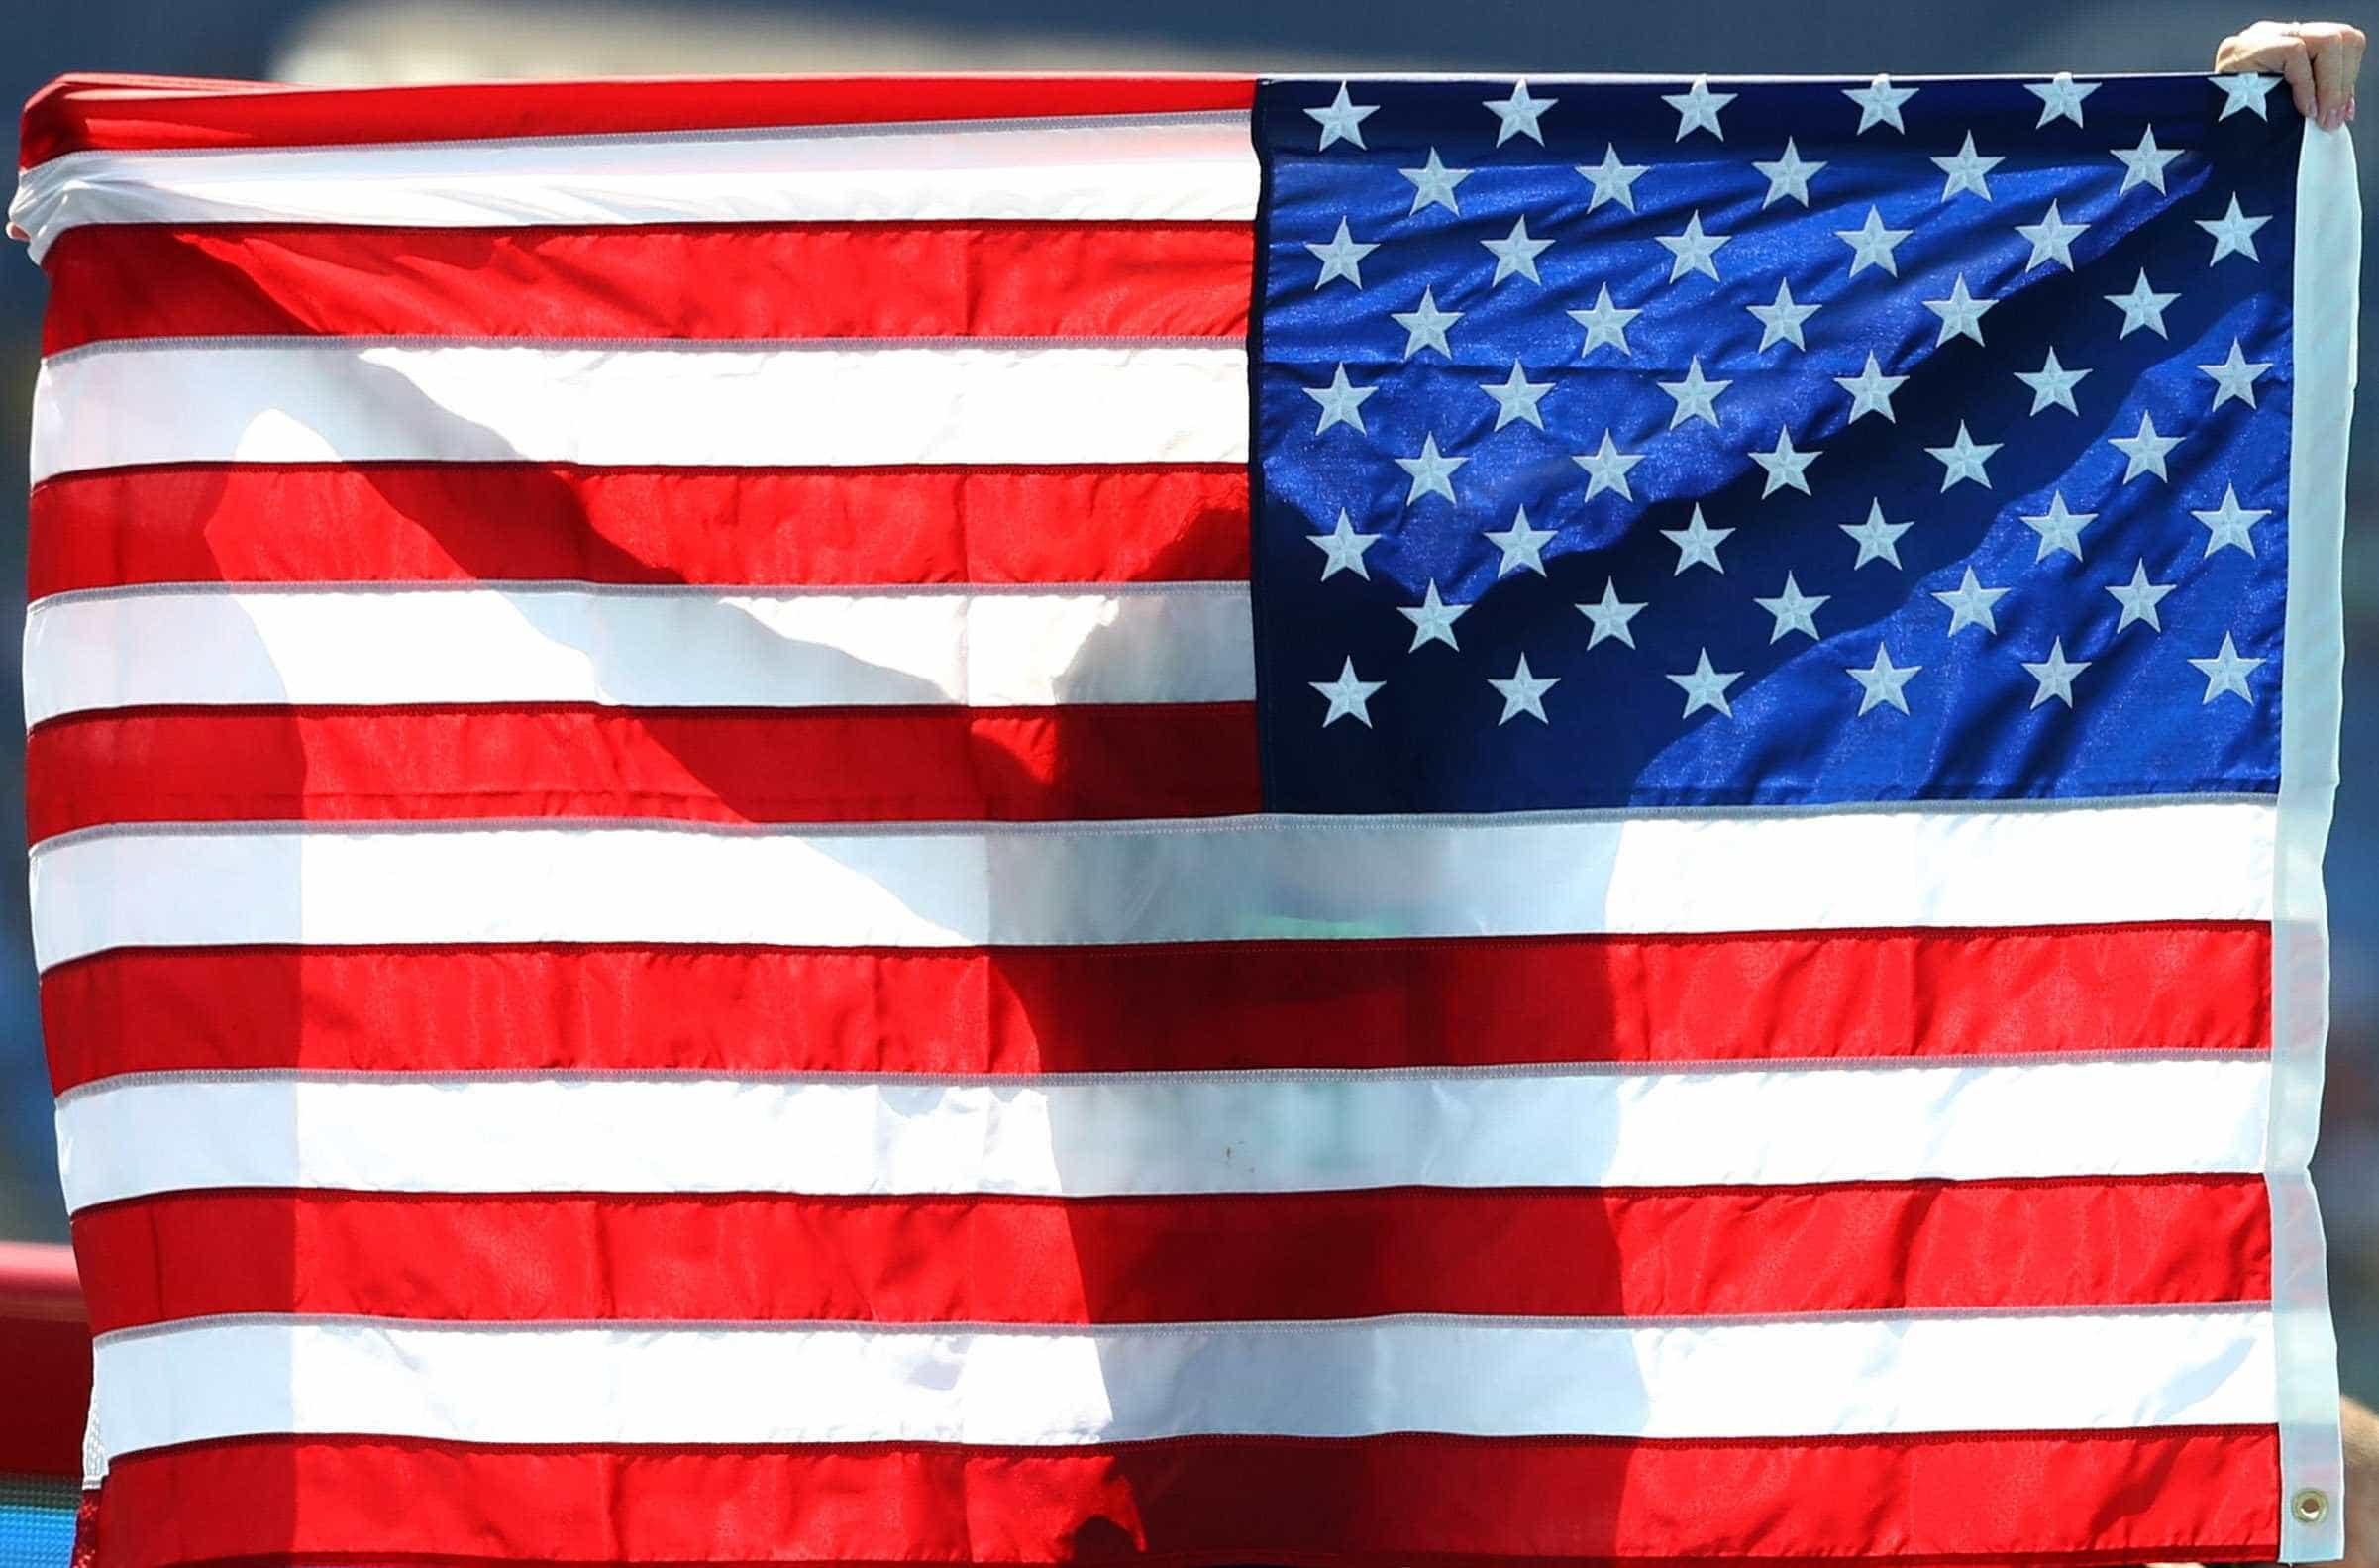 Economia dos EUA cresceu 3,2% no 1.º trimestre, acima do previsto